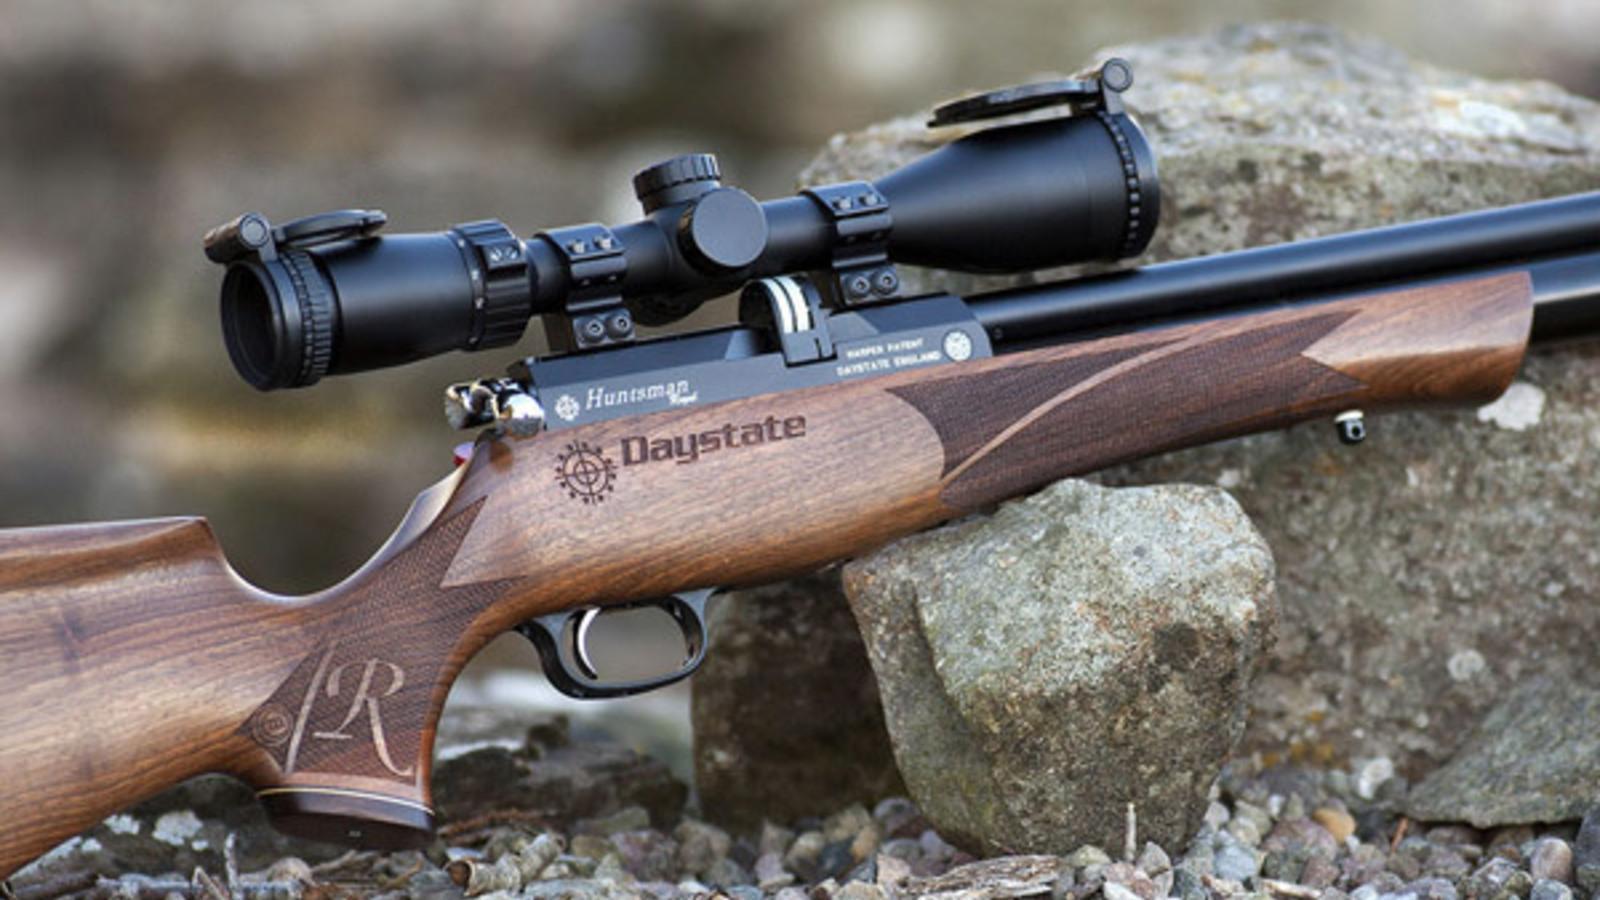 Focus su ottica e grilletto di una carabina Daystate ad aria compressa